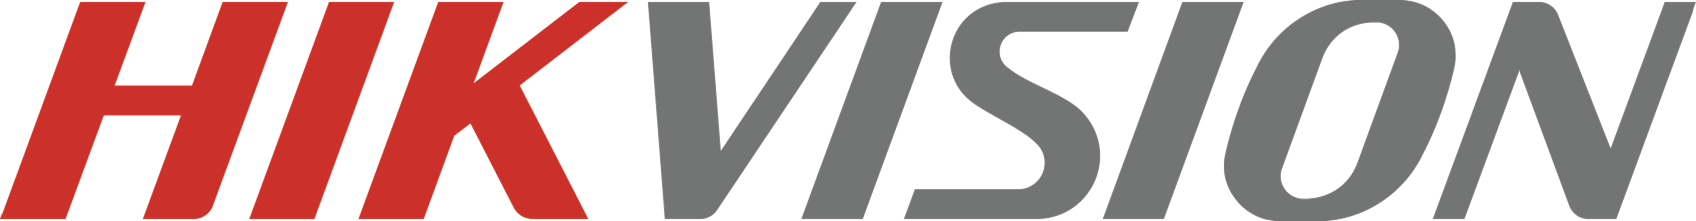 logo_hikvision.png